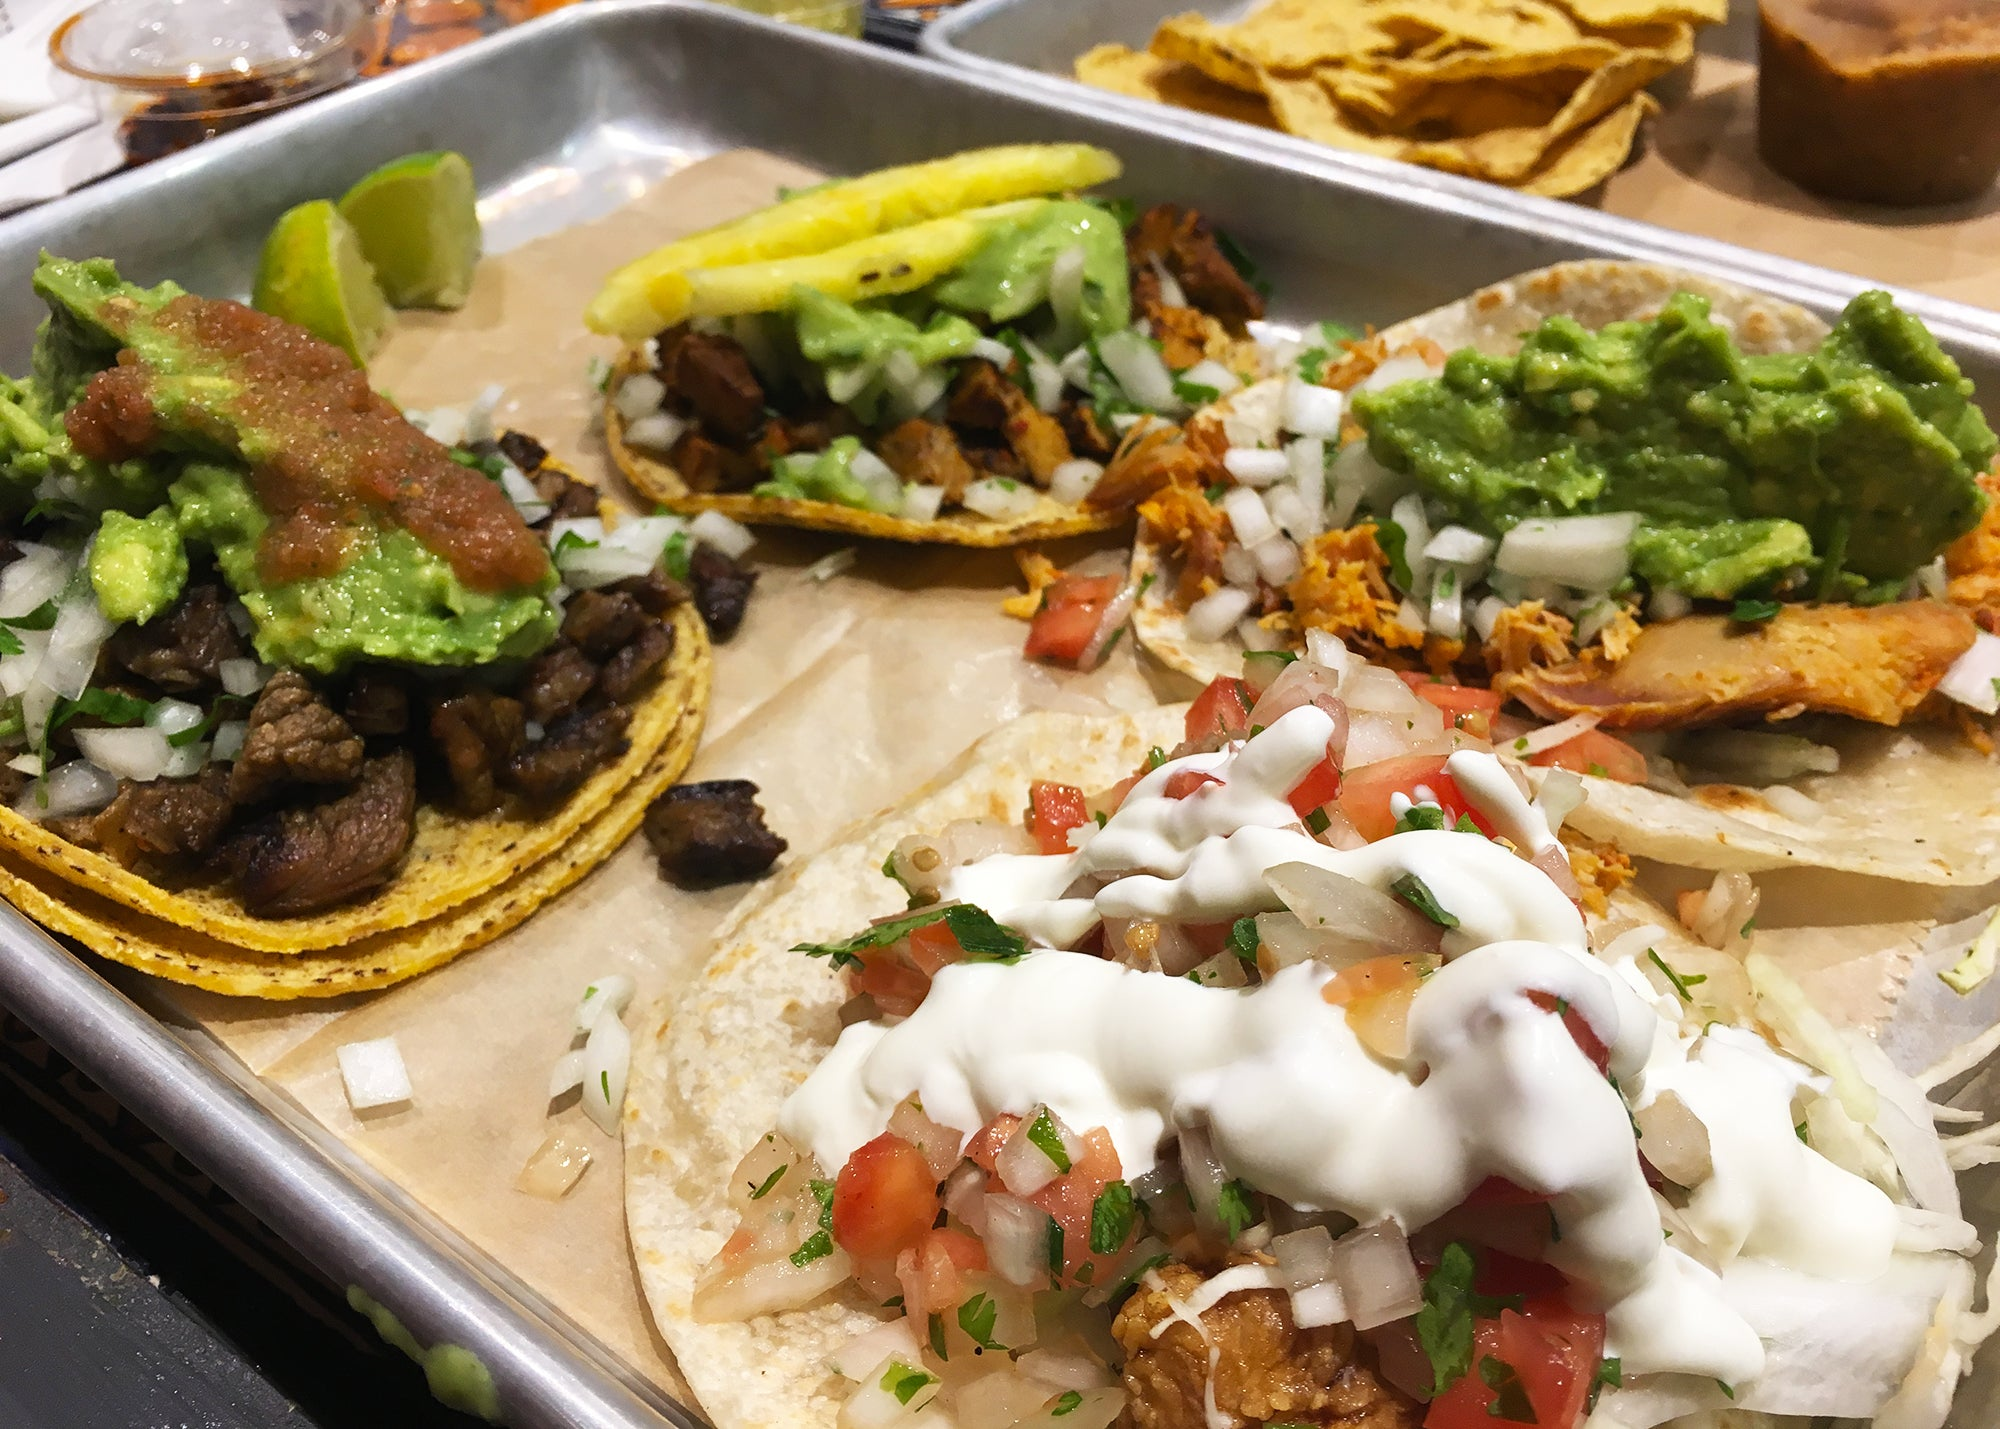 A selection of tacos at Taqueria el Barrio